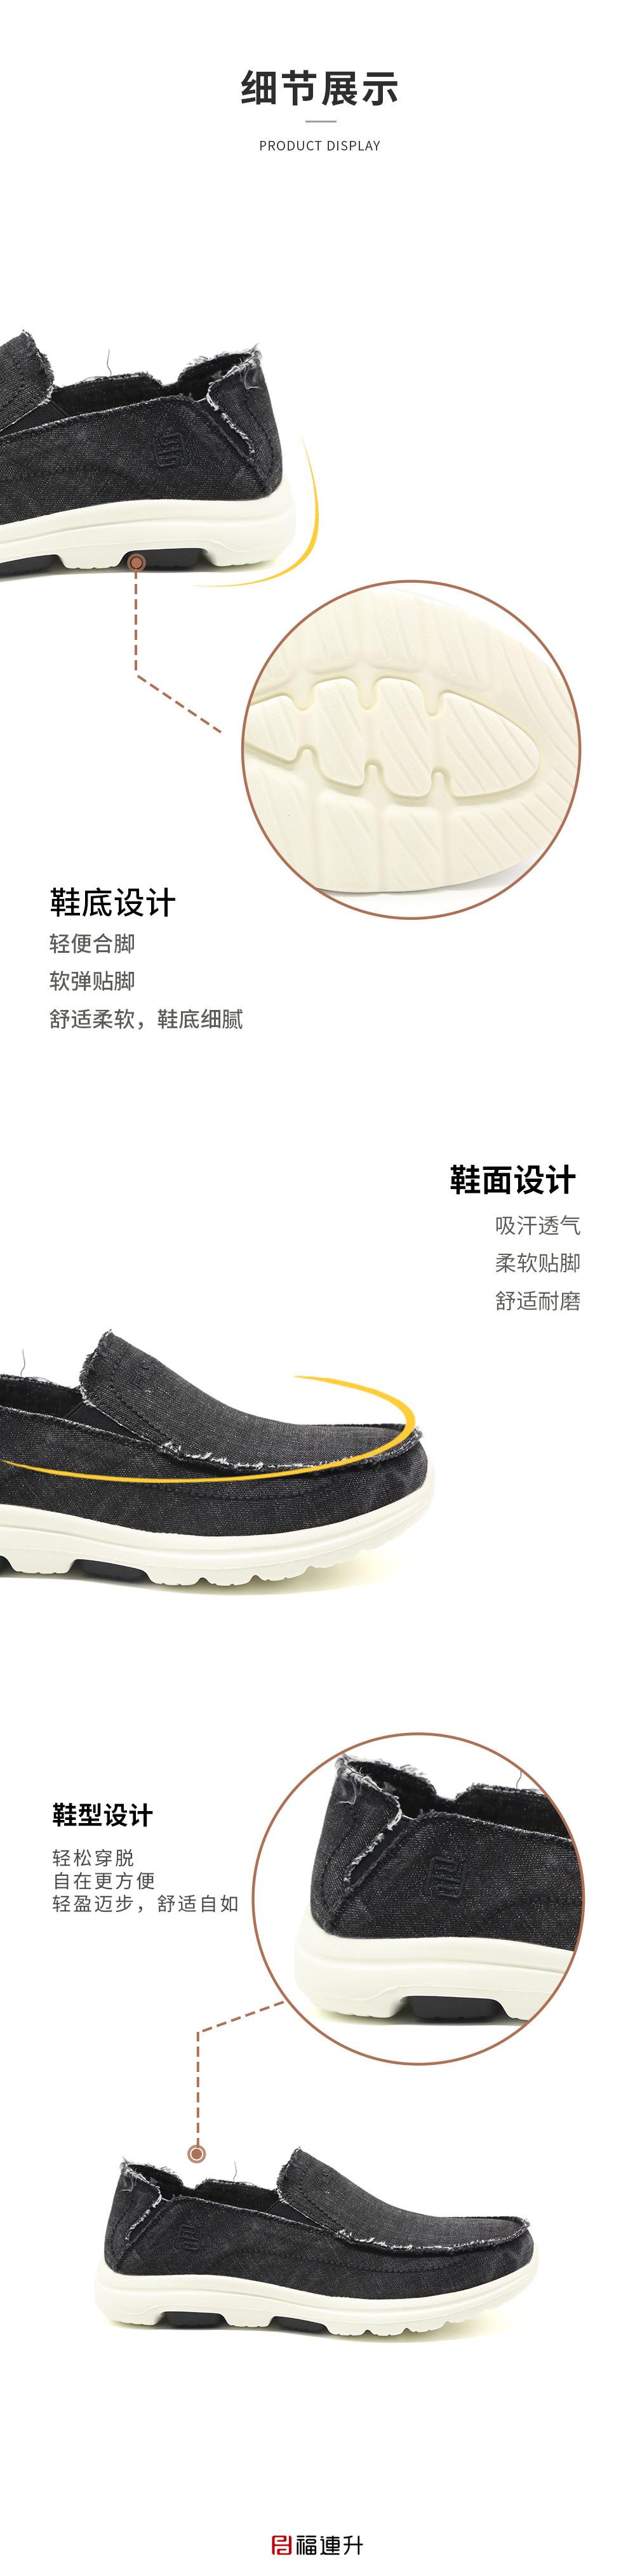 福连升老北京布鞋男鞋软底爸爸鞋牛仔布老人套脚父亲休闲鞋图片